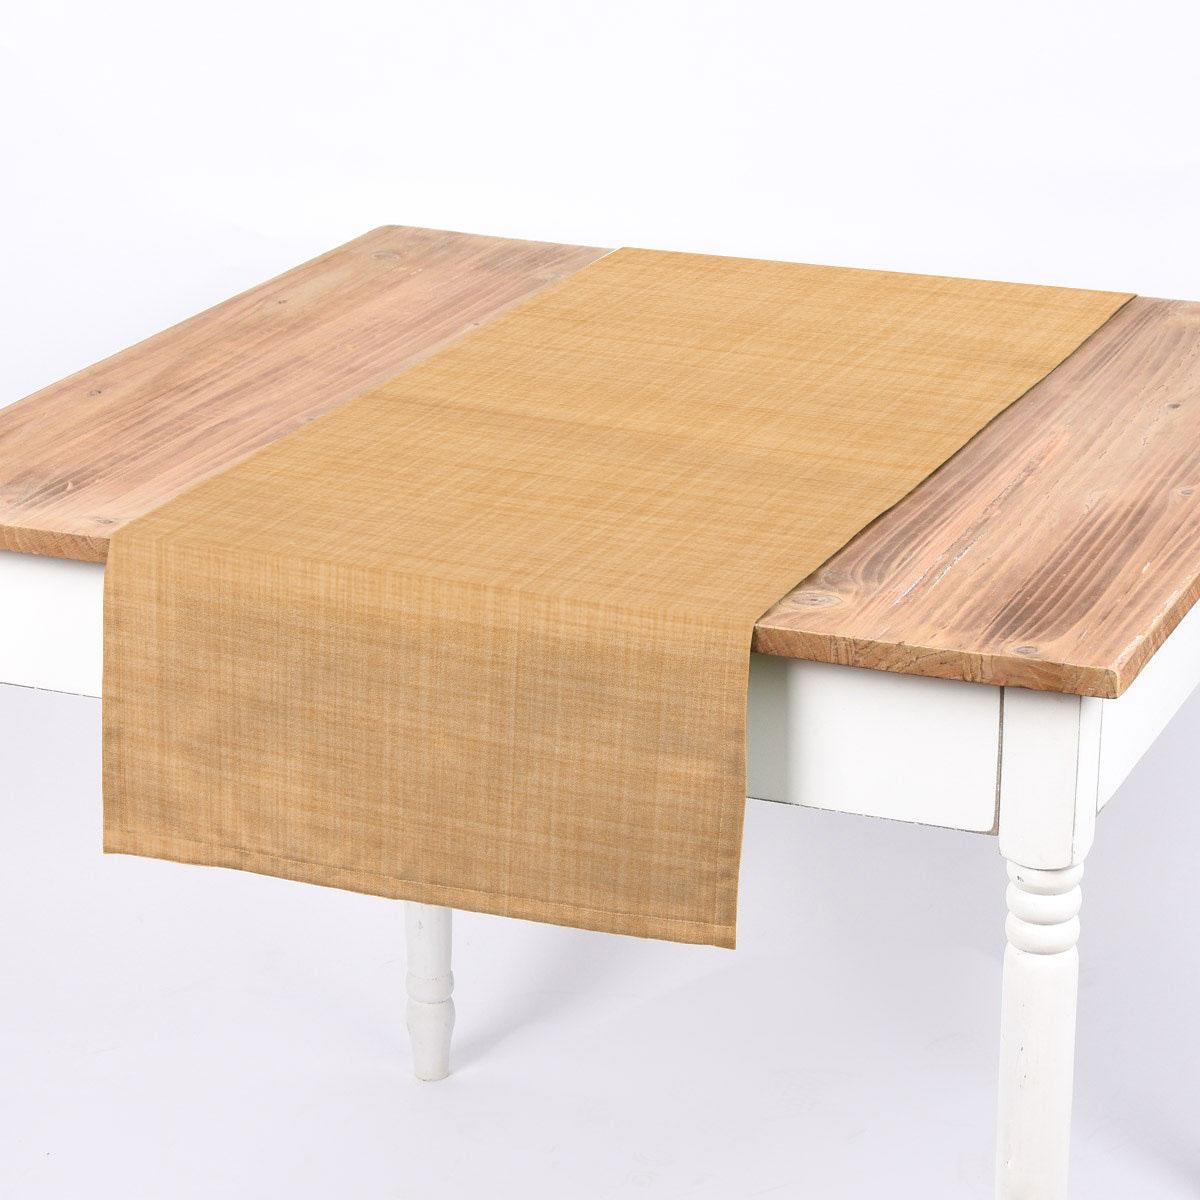 SCHÖNER LEBEN. Tischläufer uni gelb meliert 40x160cm